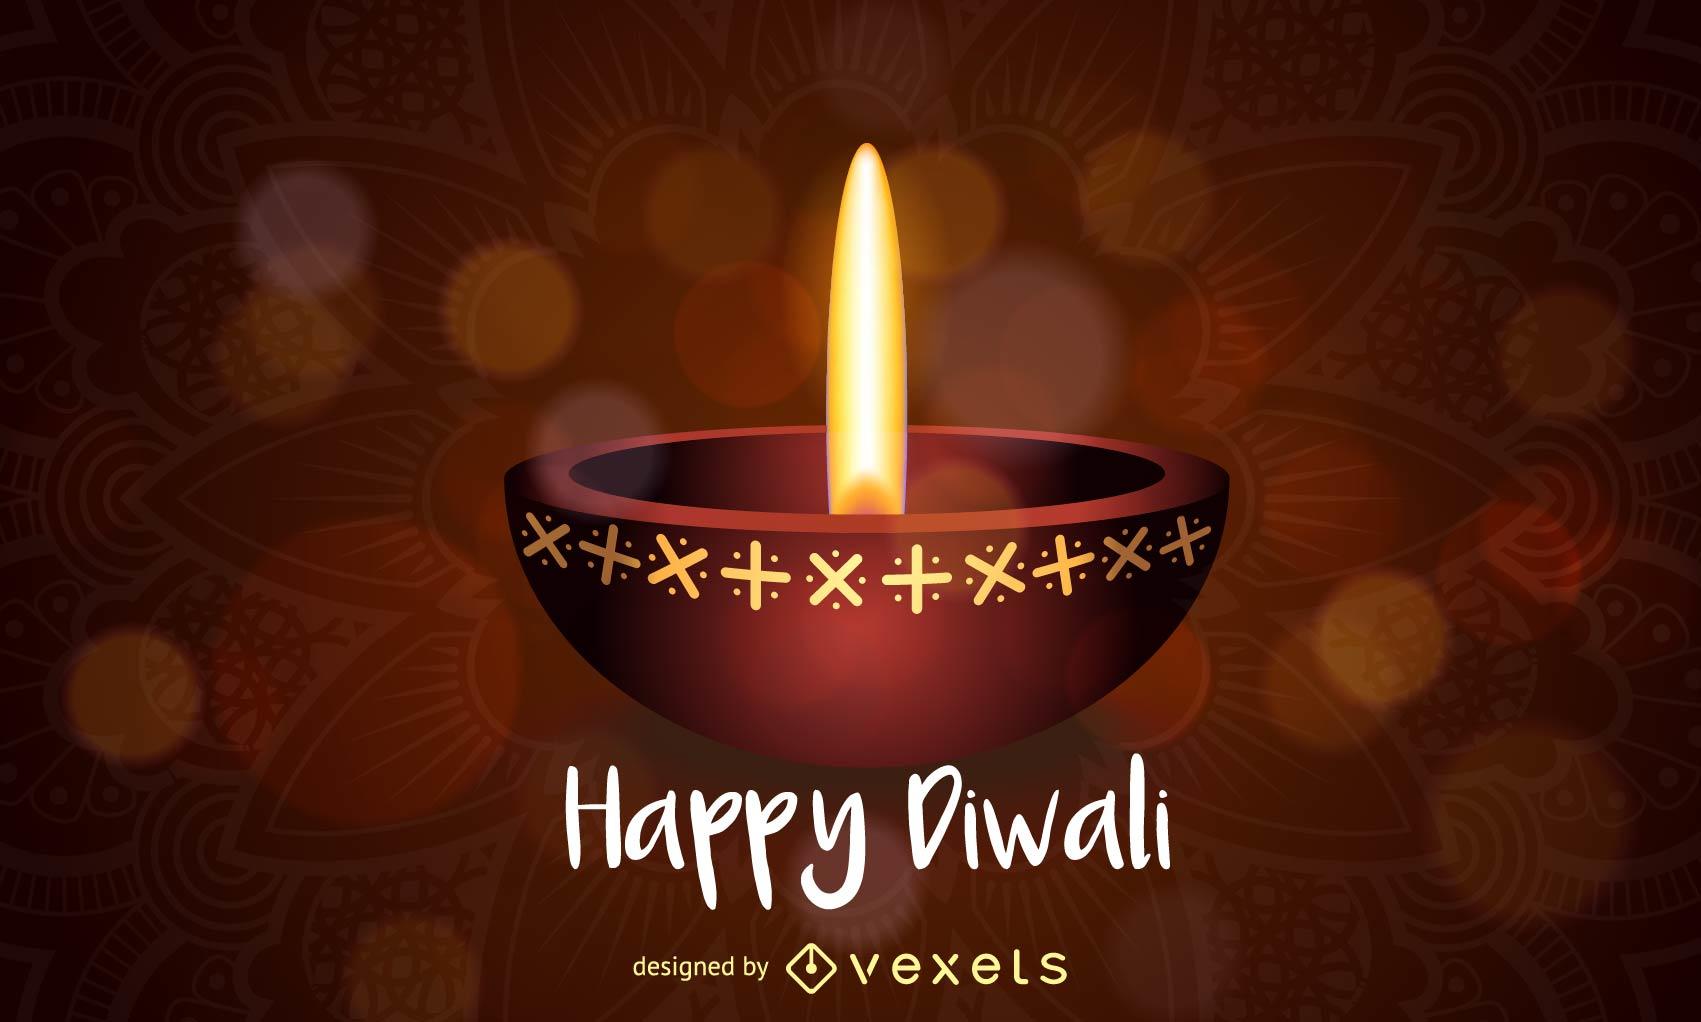 Diseño de lámpara de aceite Happy Diwali